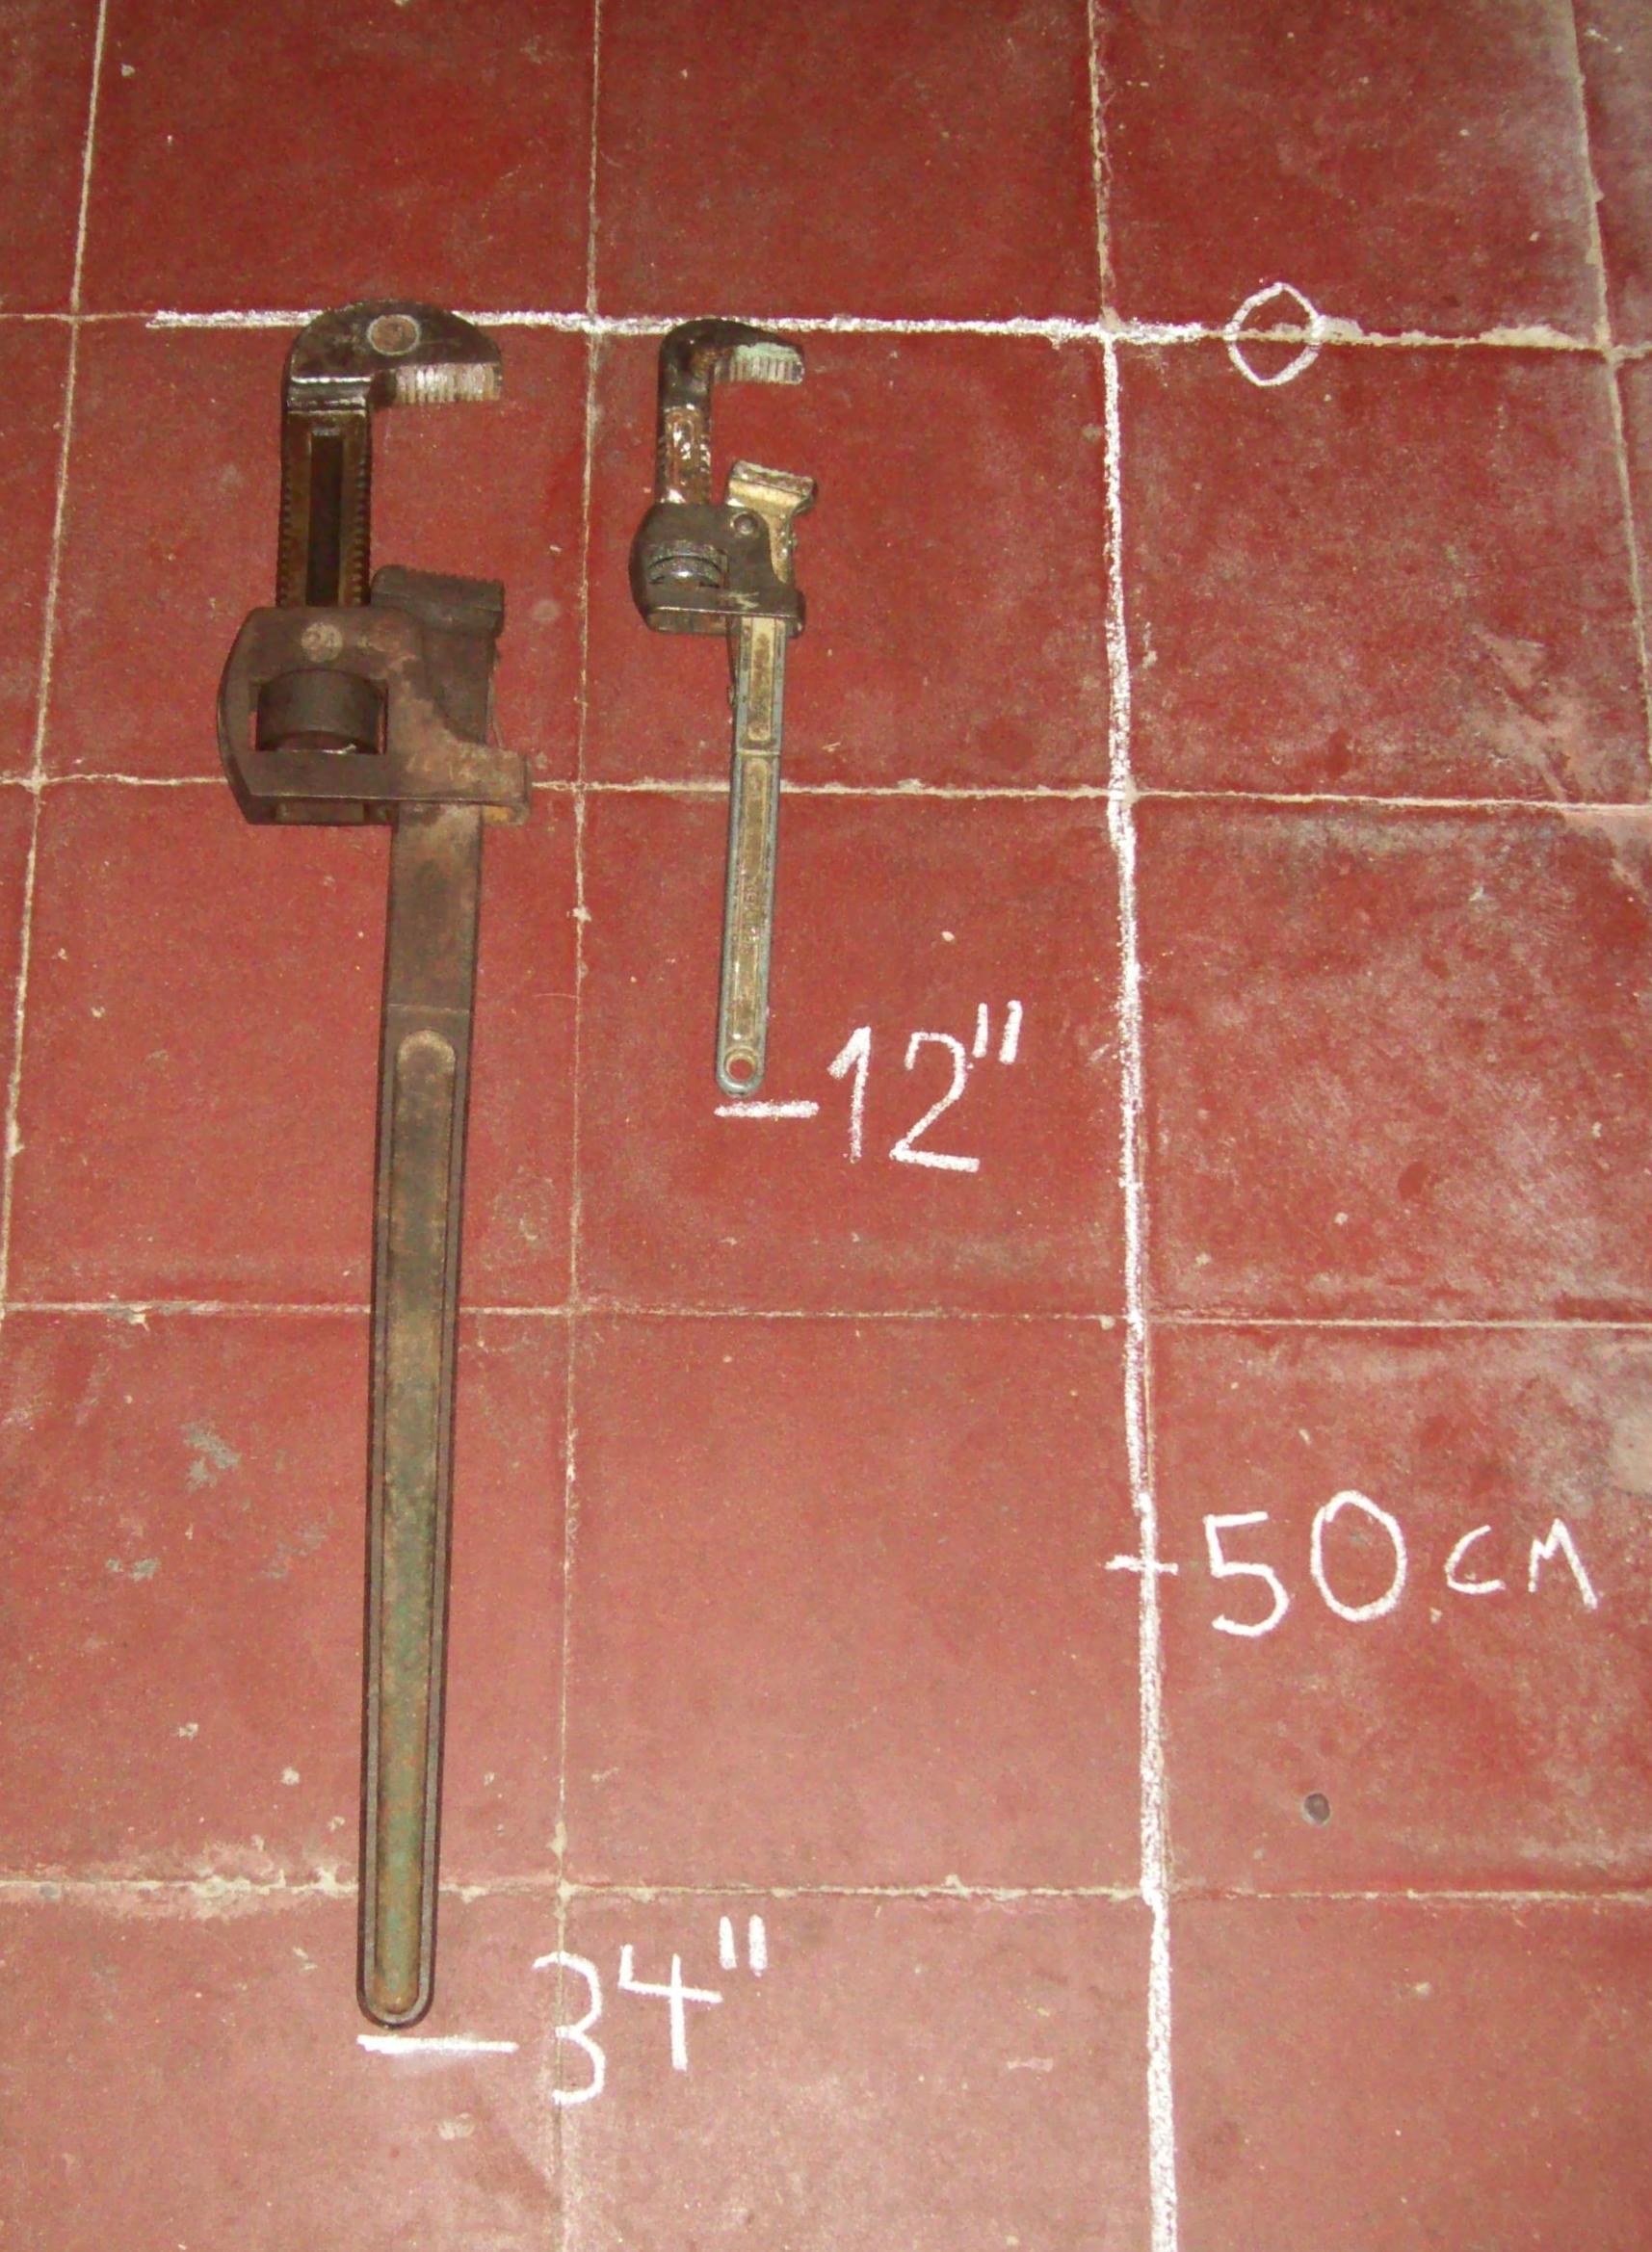 La llave inglesa - 3 2